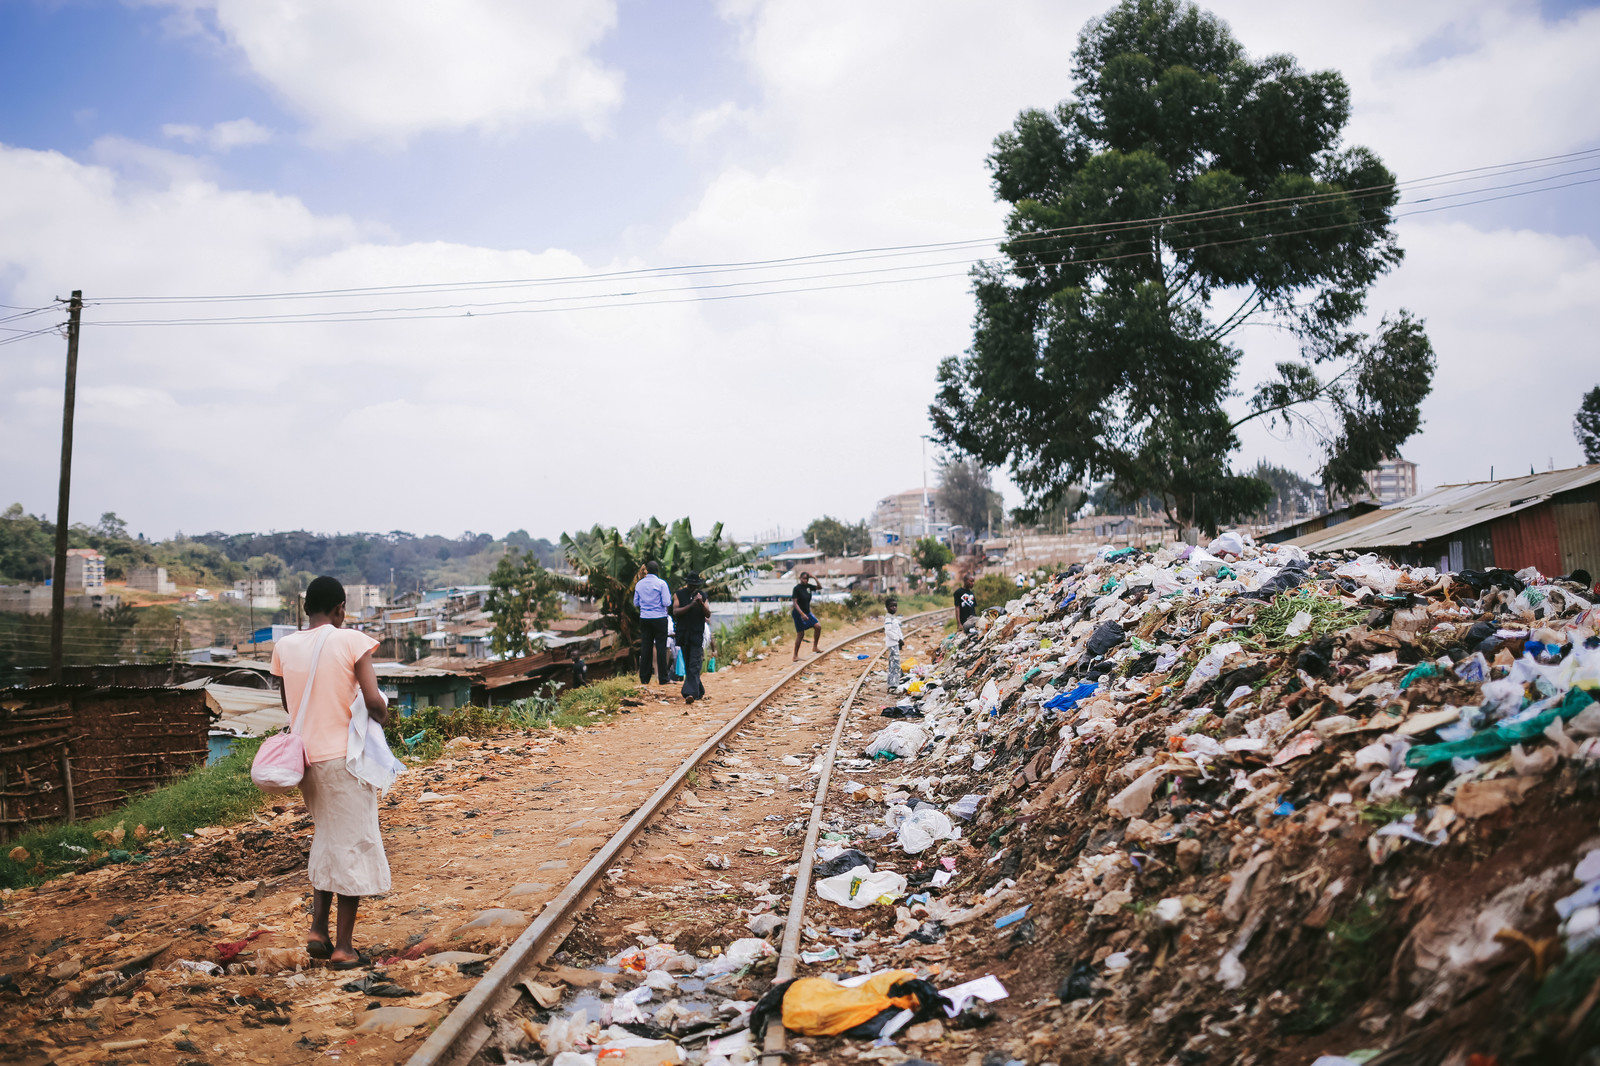 「ゴミが散乱するケニアのスラム街」の写真